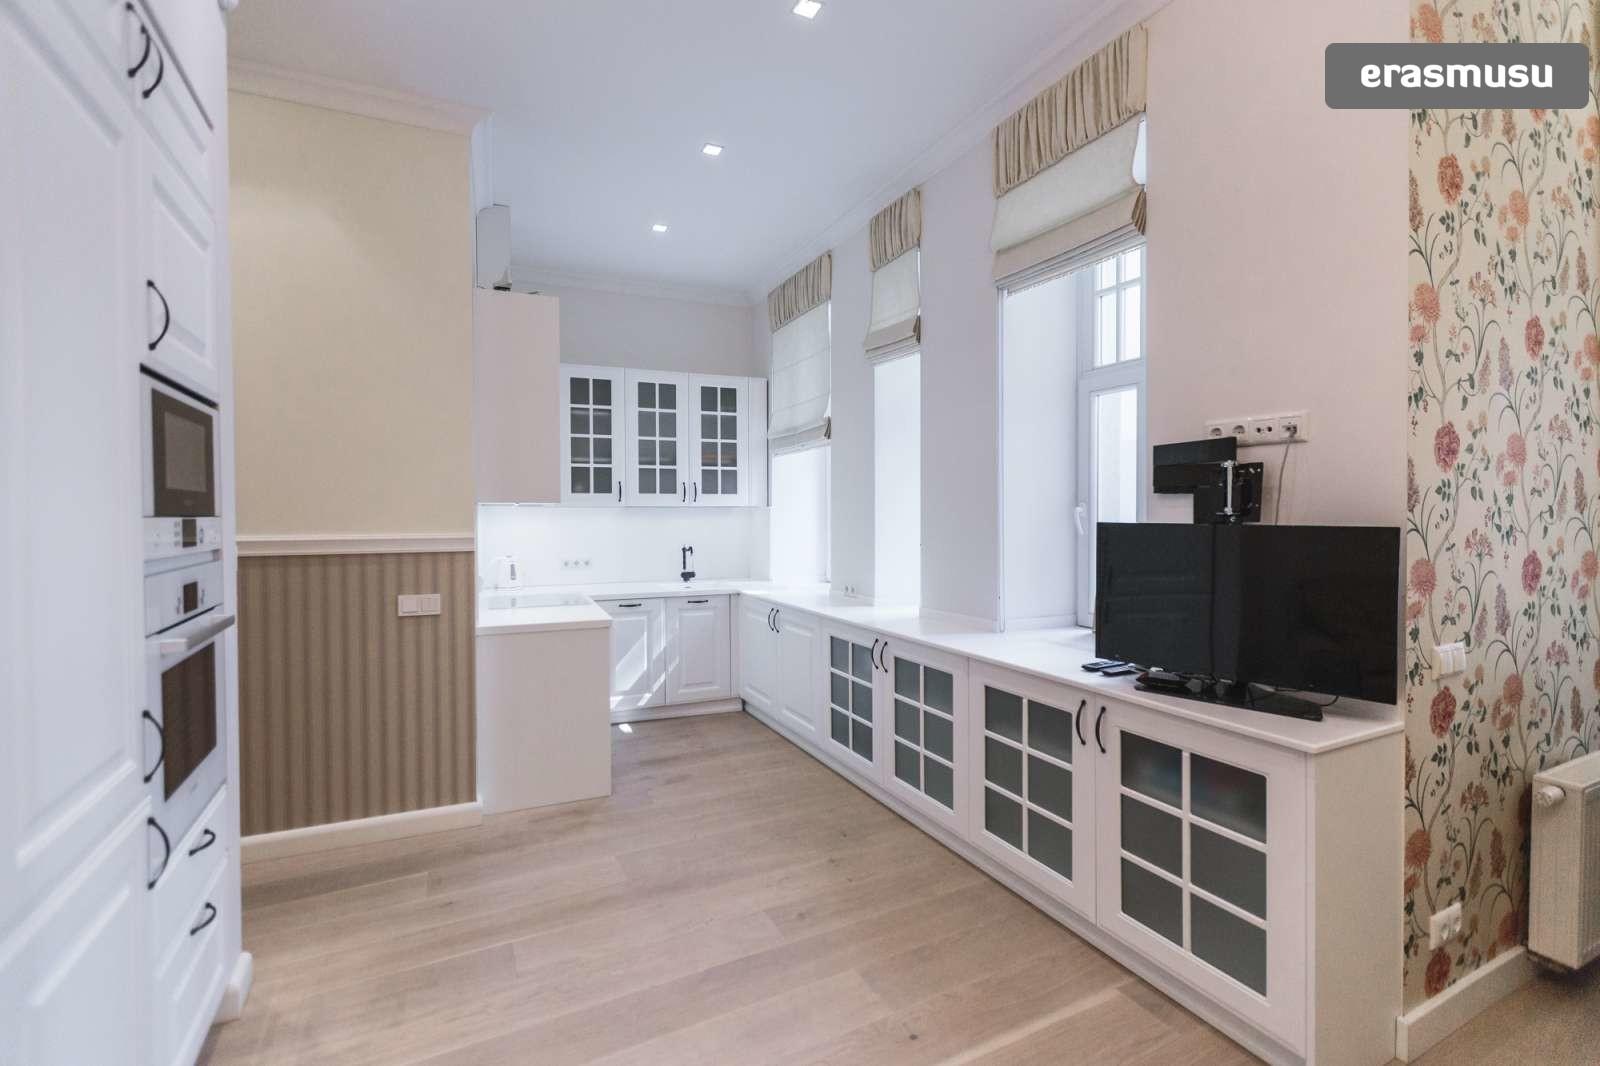 elegant-2-bedroom-partment-rent-centrs-912551a0deb0e7ae7cd269eb7